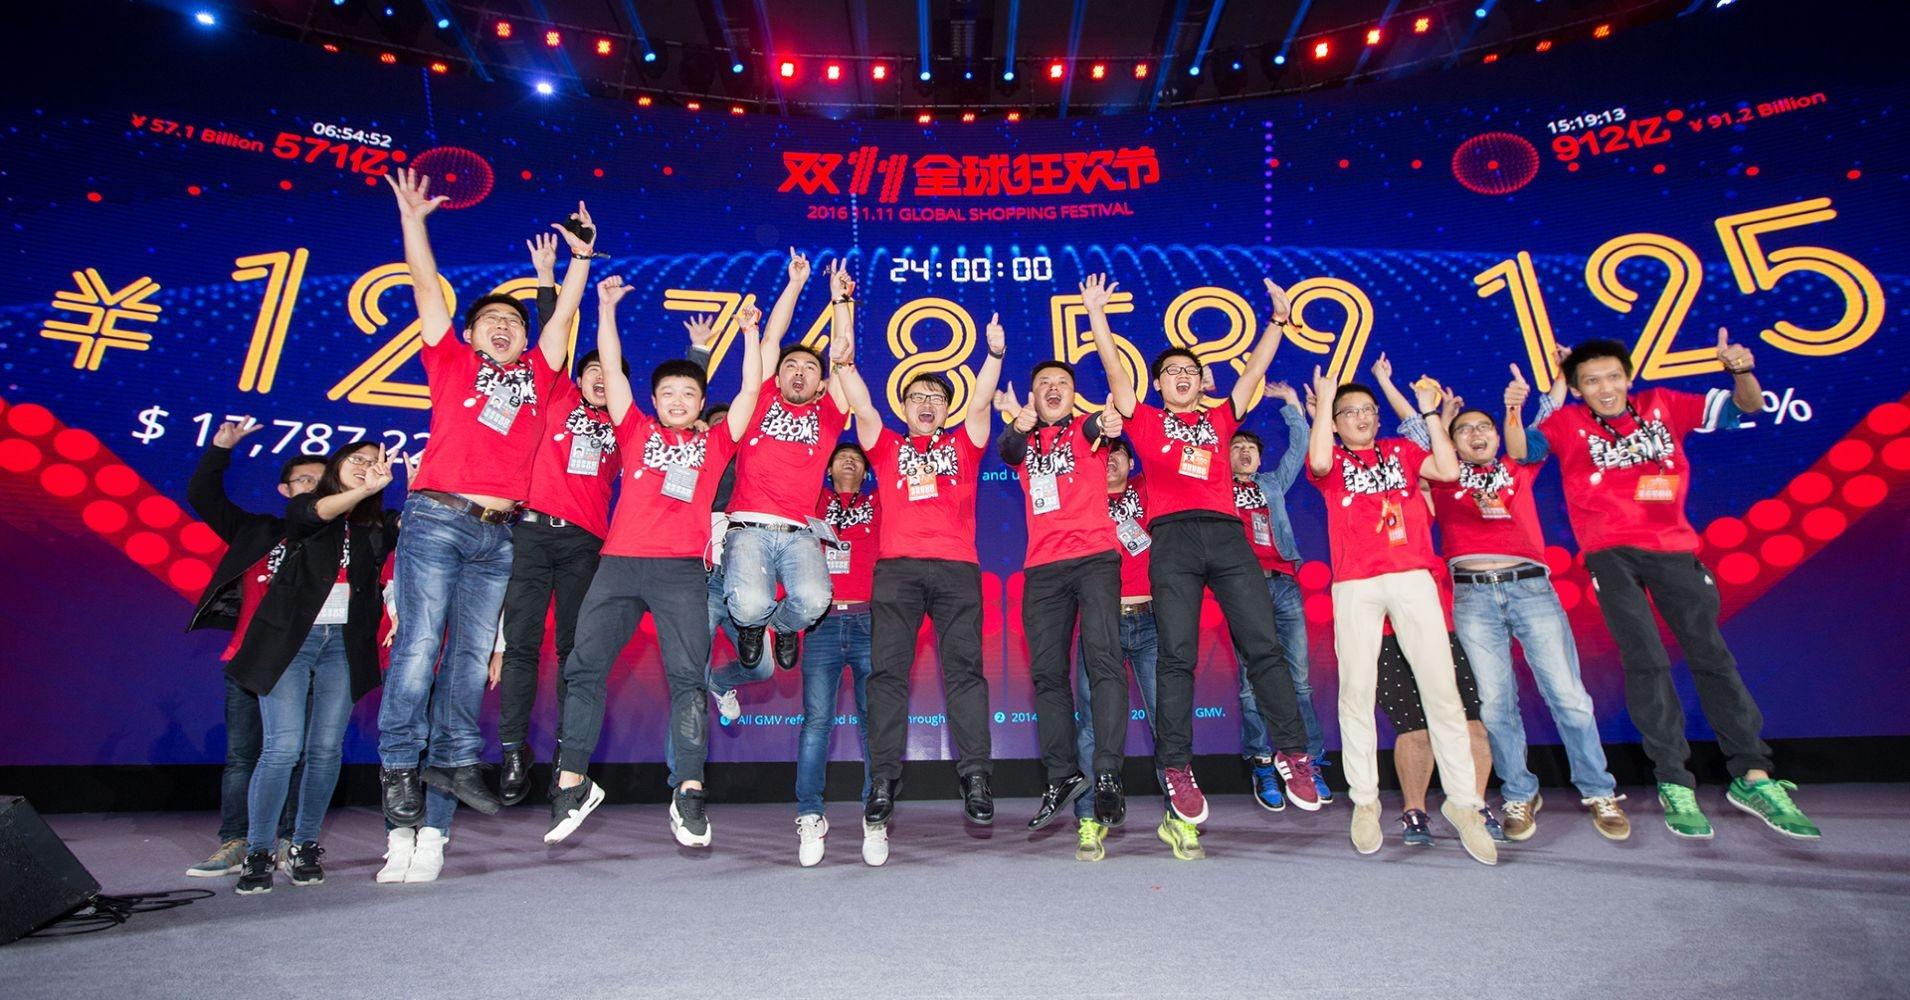 Alibaba đạt doanh thu hơn 38 tỷ USD trong Ngày độc thân, hàng Mỹ không bị 'ghẻ lạnh'